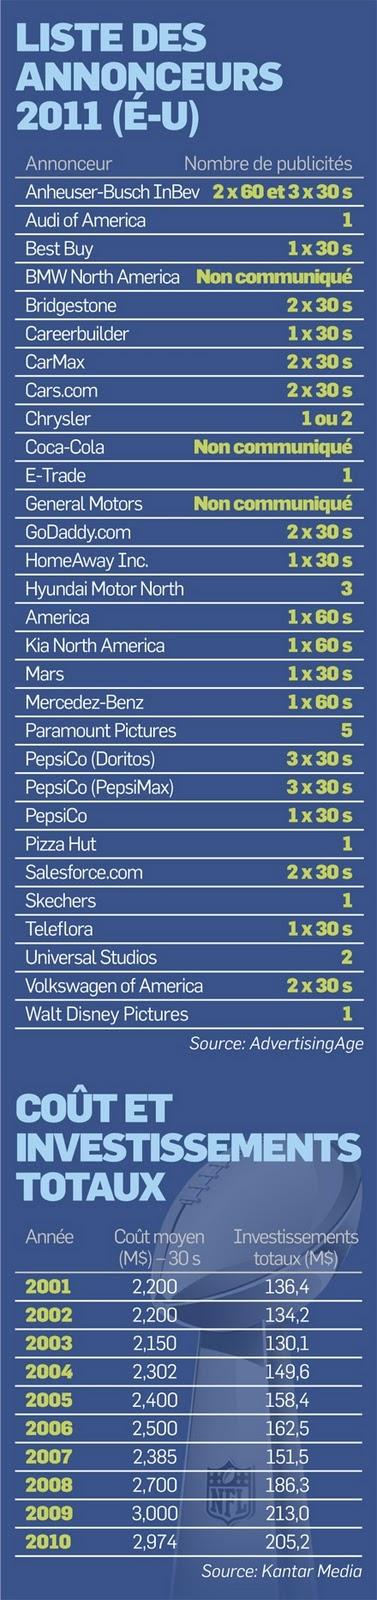 Couts investissement publicitaire super bowl 2011